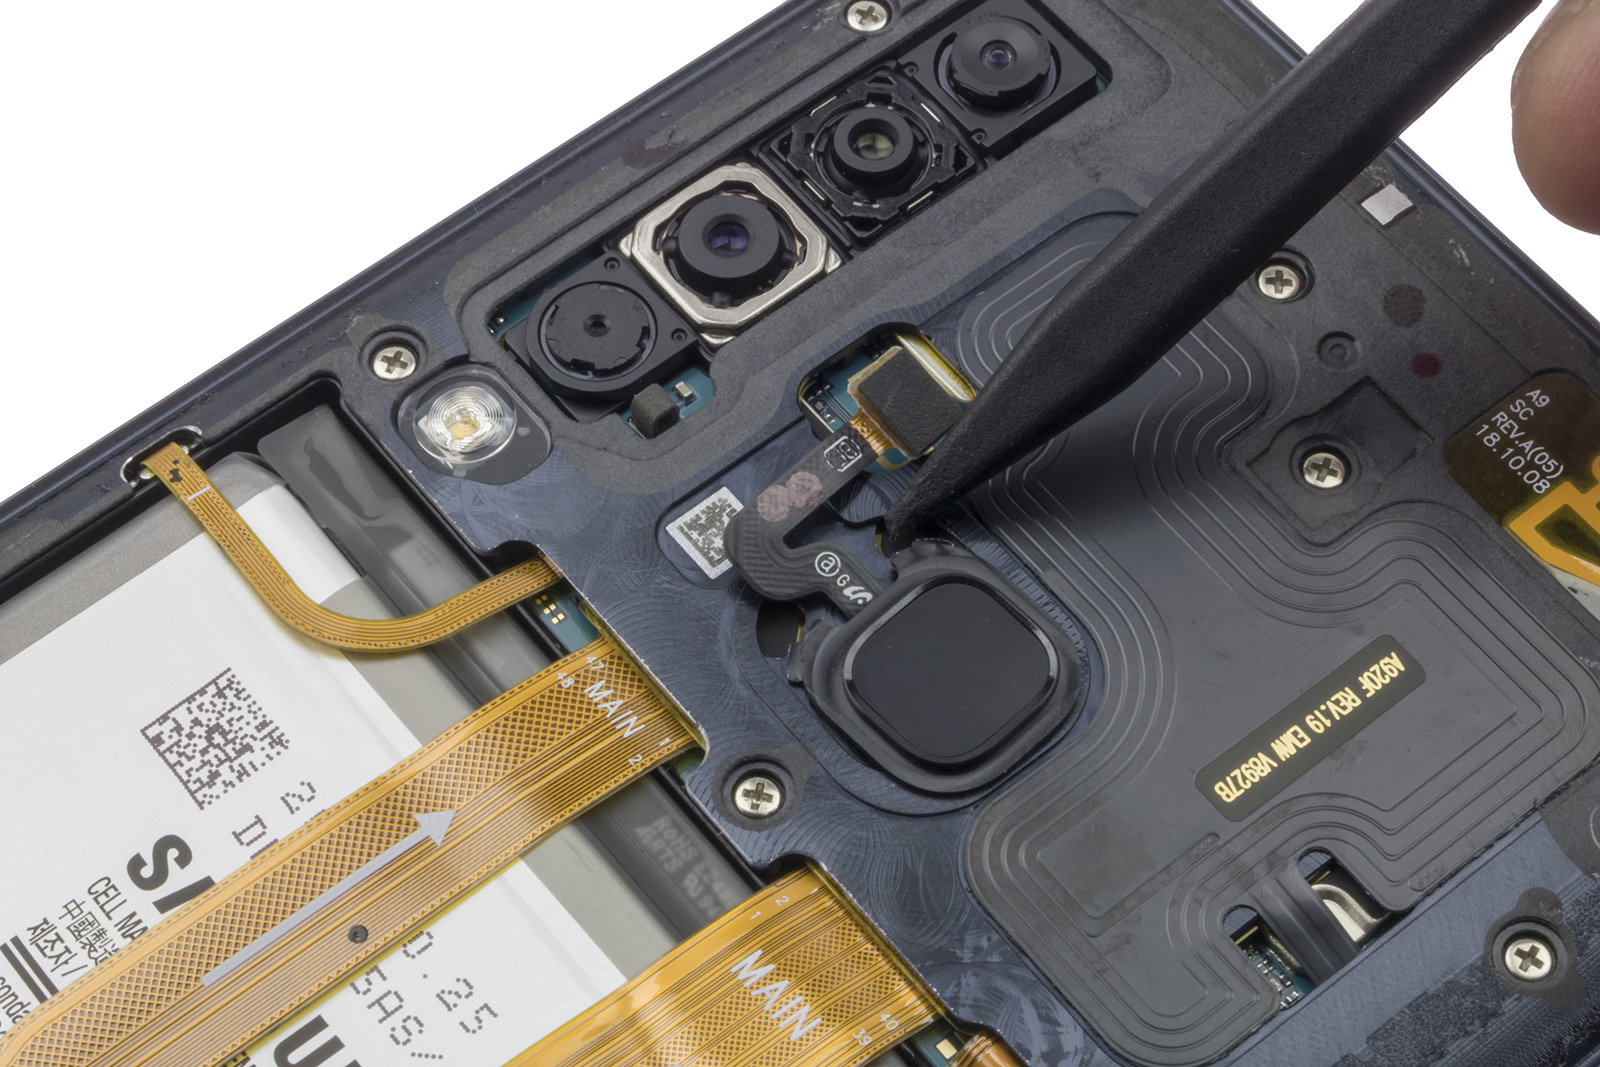 Manuales / Samsung Galaxy A9 / Rear cameras | Nadie Me Llama Gallina